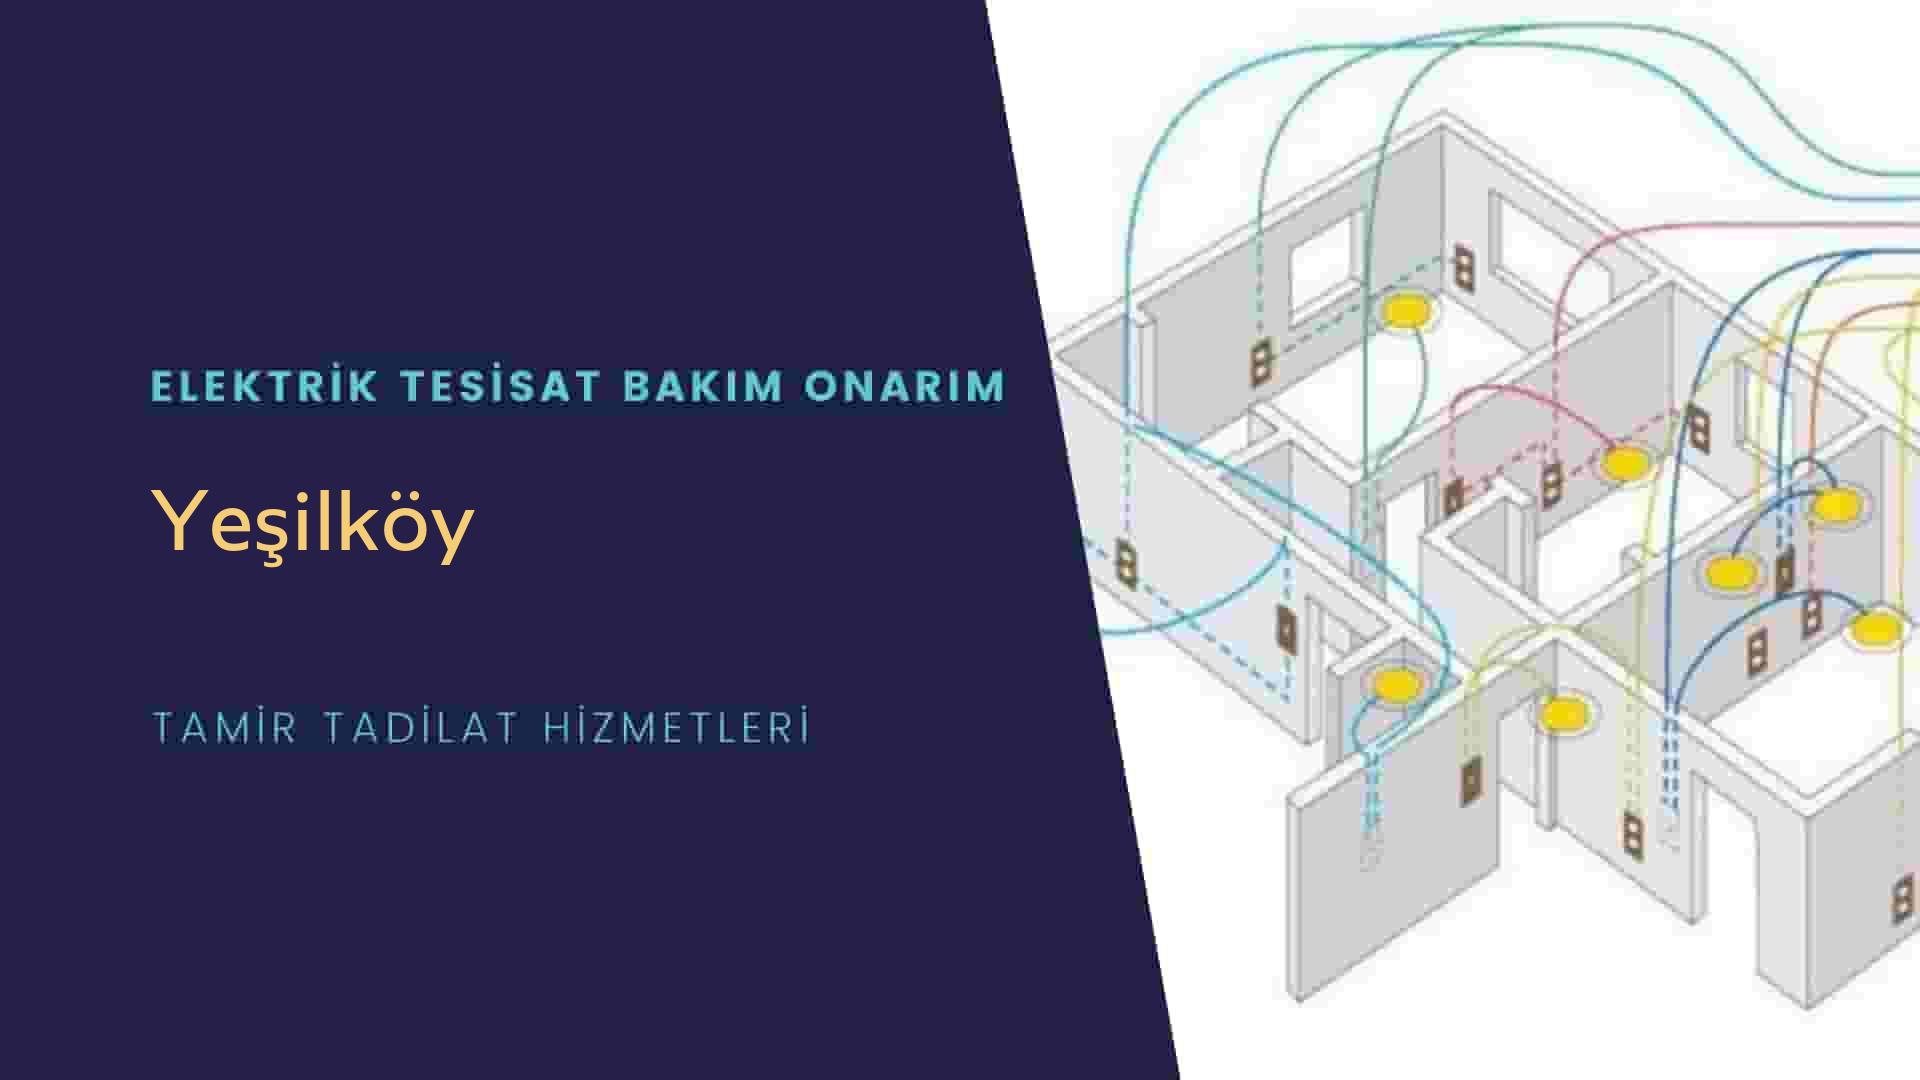 Yeşilköy'de elektrik tesisatıustalarımı arıyorsunuz doğru adrestenizi Yeşilköy elektrik tesisatı ustalarımız 7/24 sizlere hizmet vermekten mutluluk duyar.